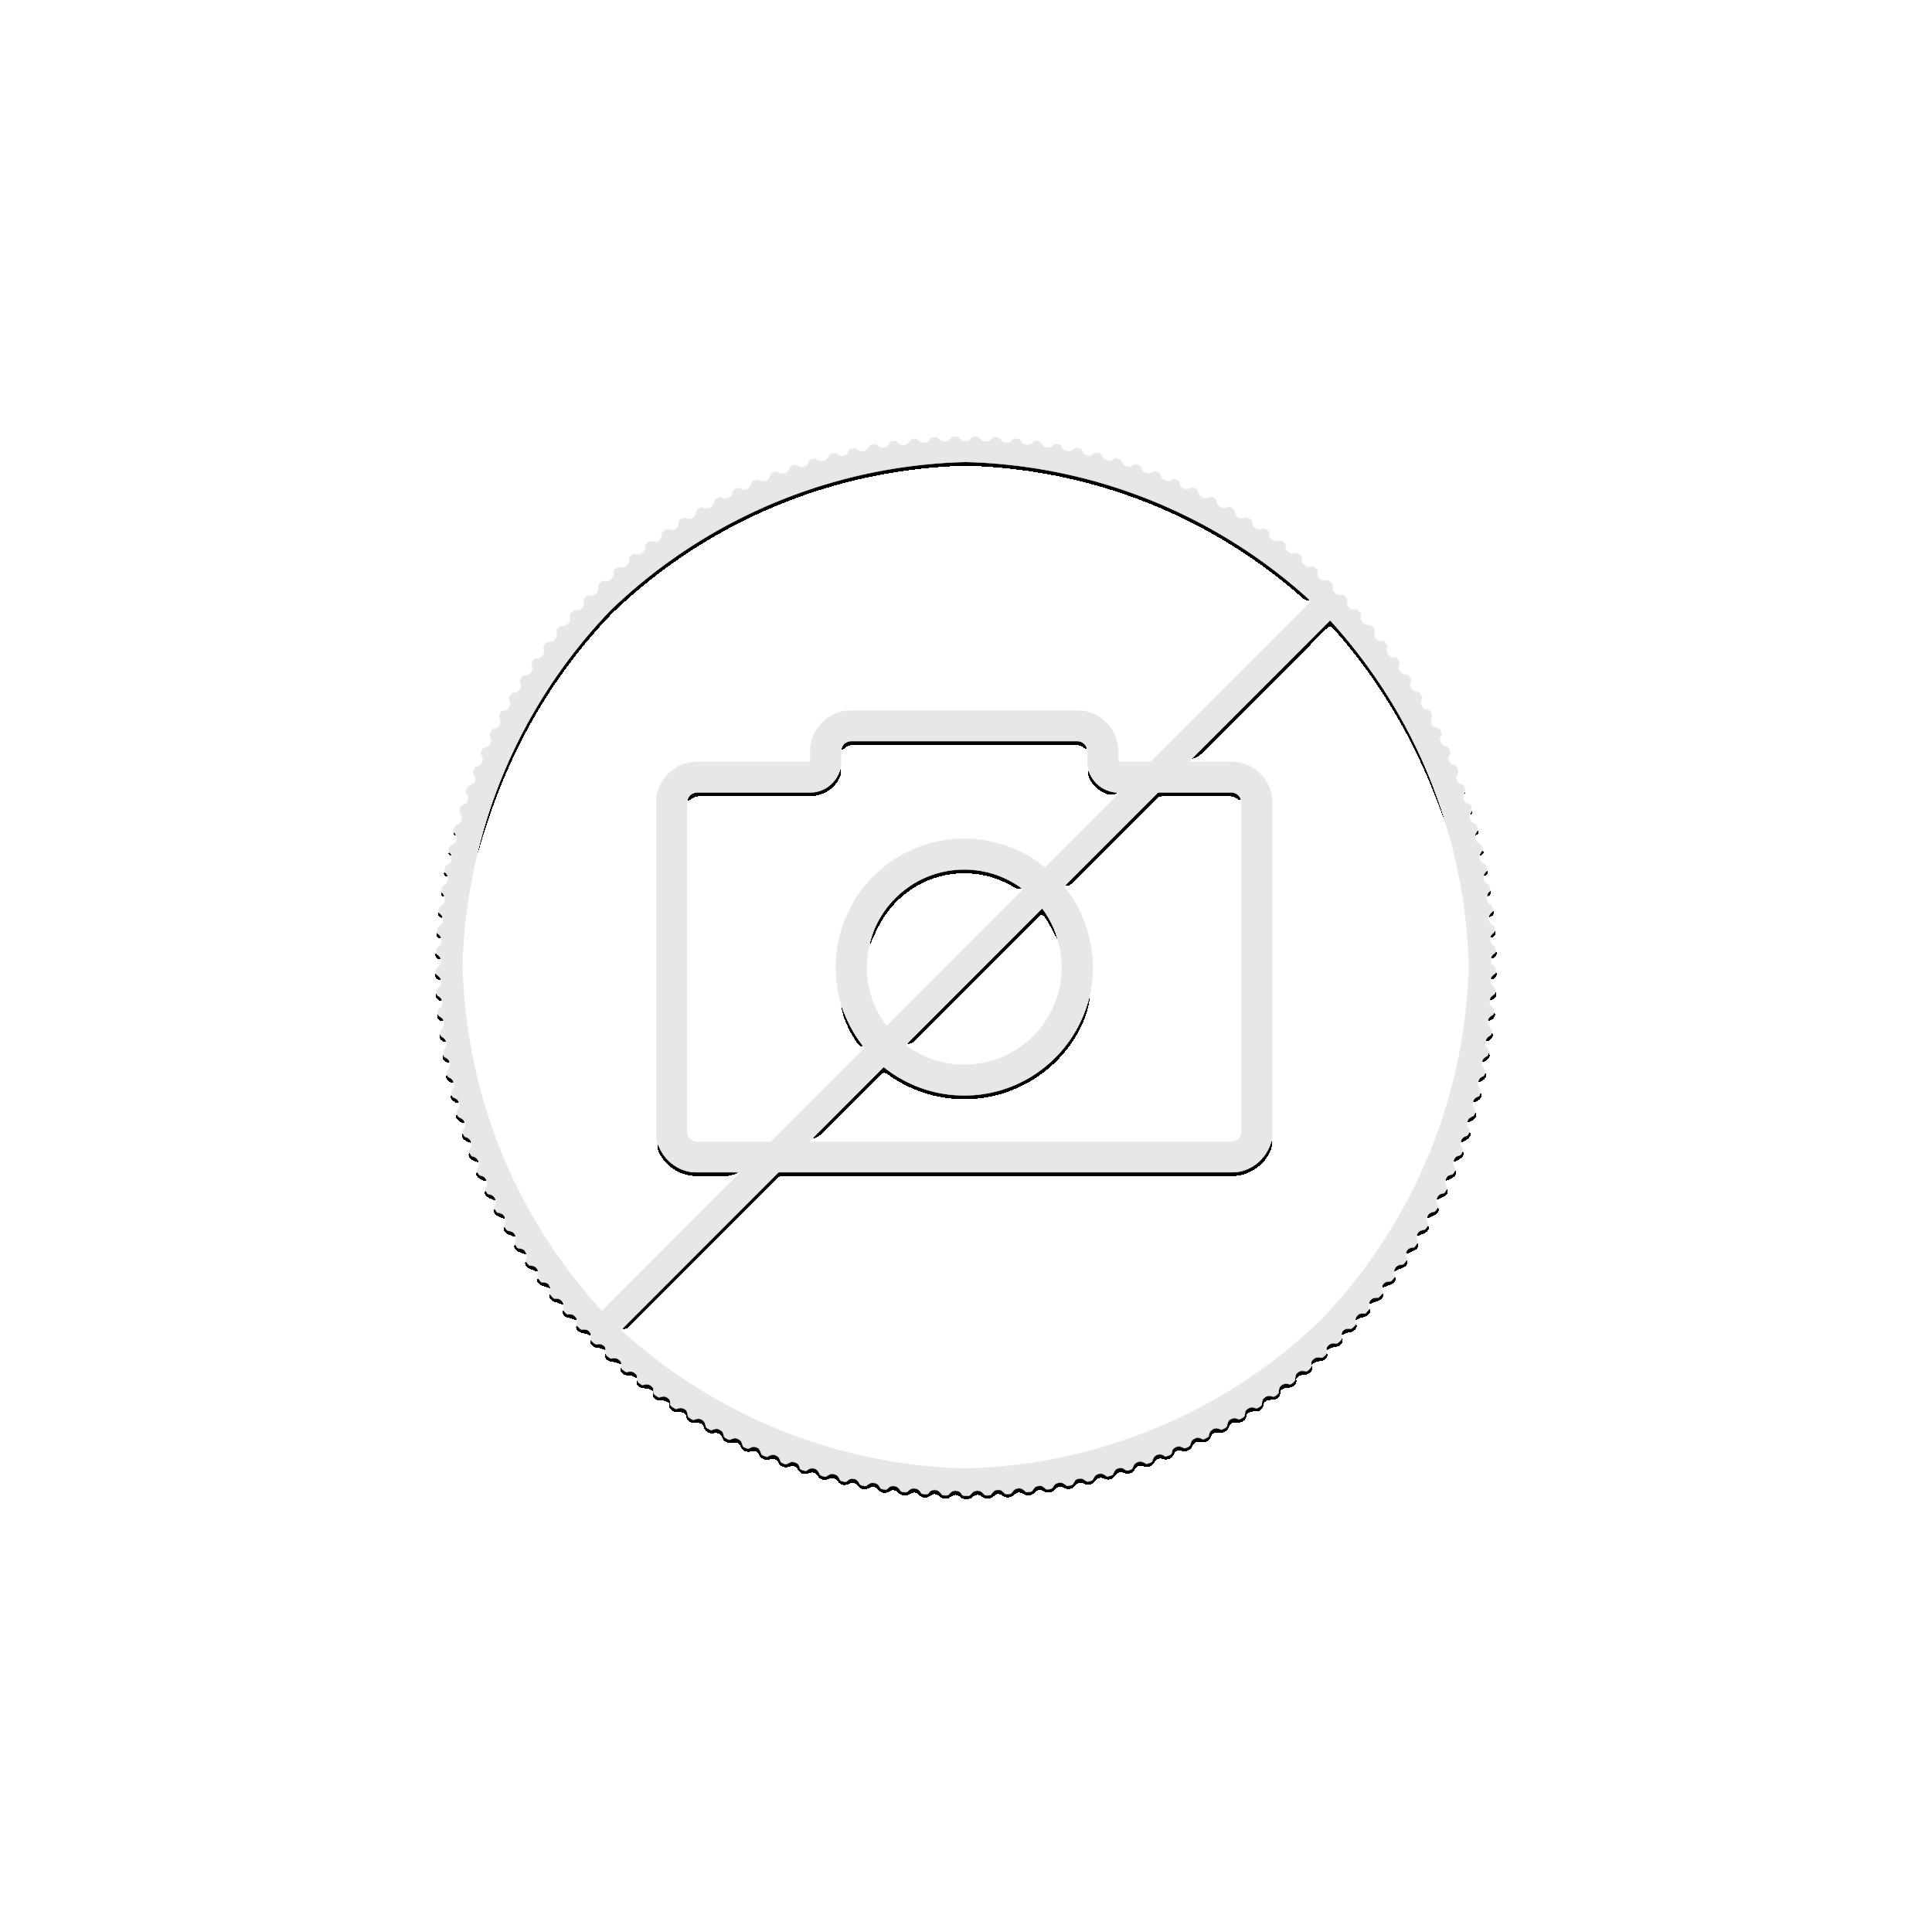 1 Troy ounce zilveren munt Golden Ring - Wiener Neustadt 2019